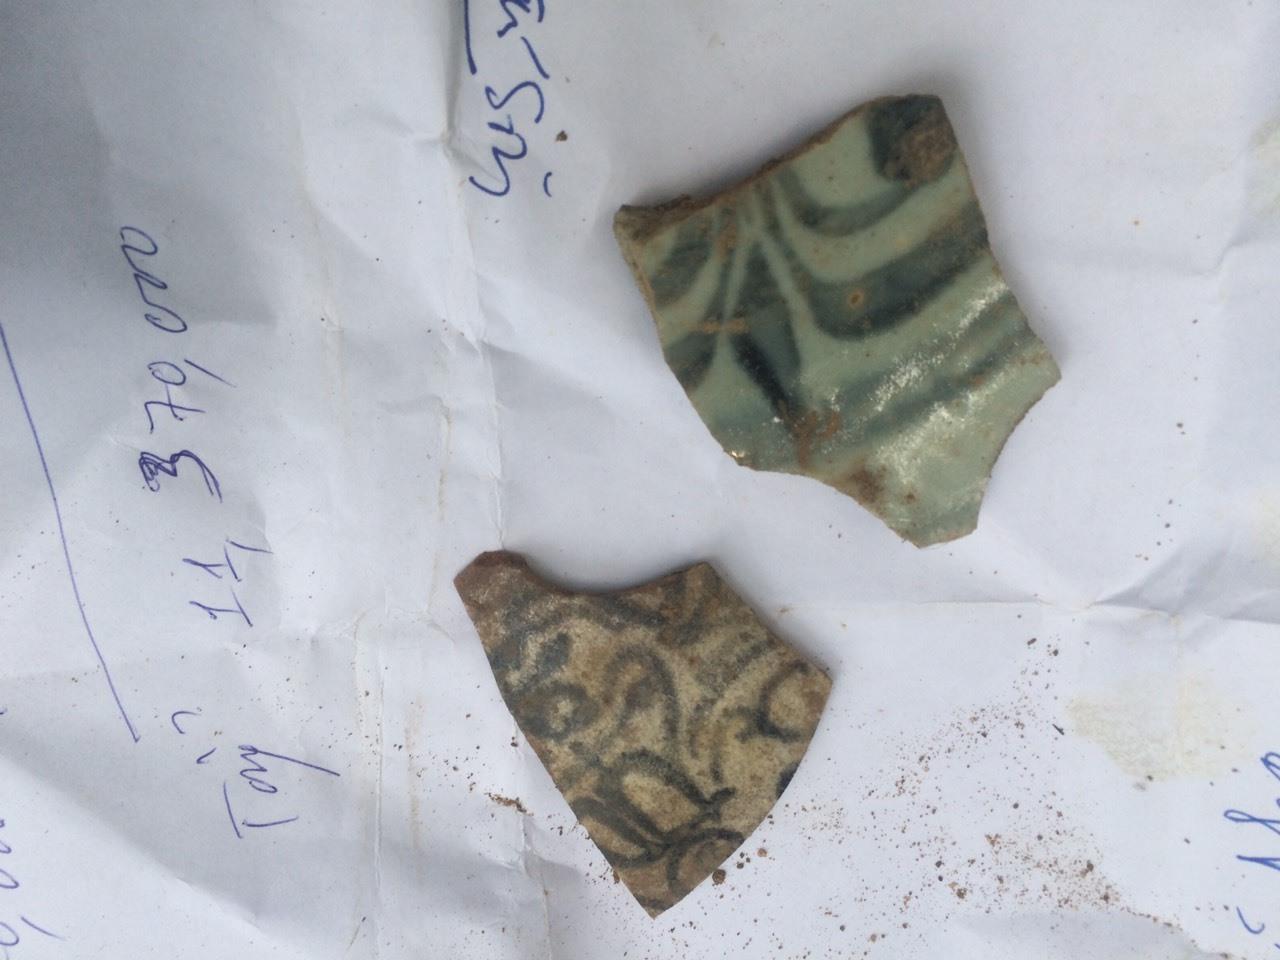 Mảnh gốm tráng men có hoa văn được tìm thấy tại các lò gốm xưa ở Quế Long.